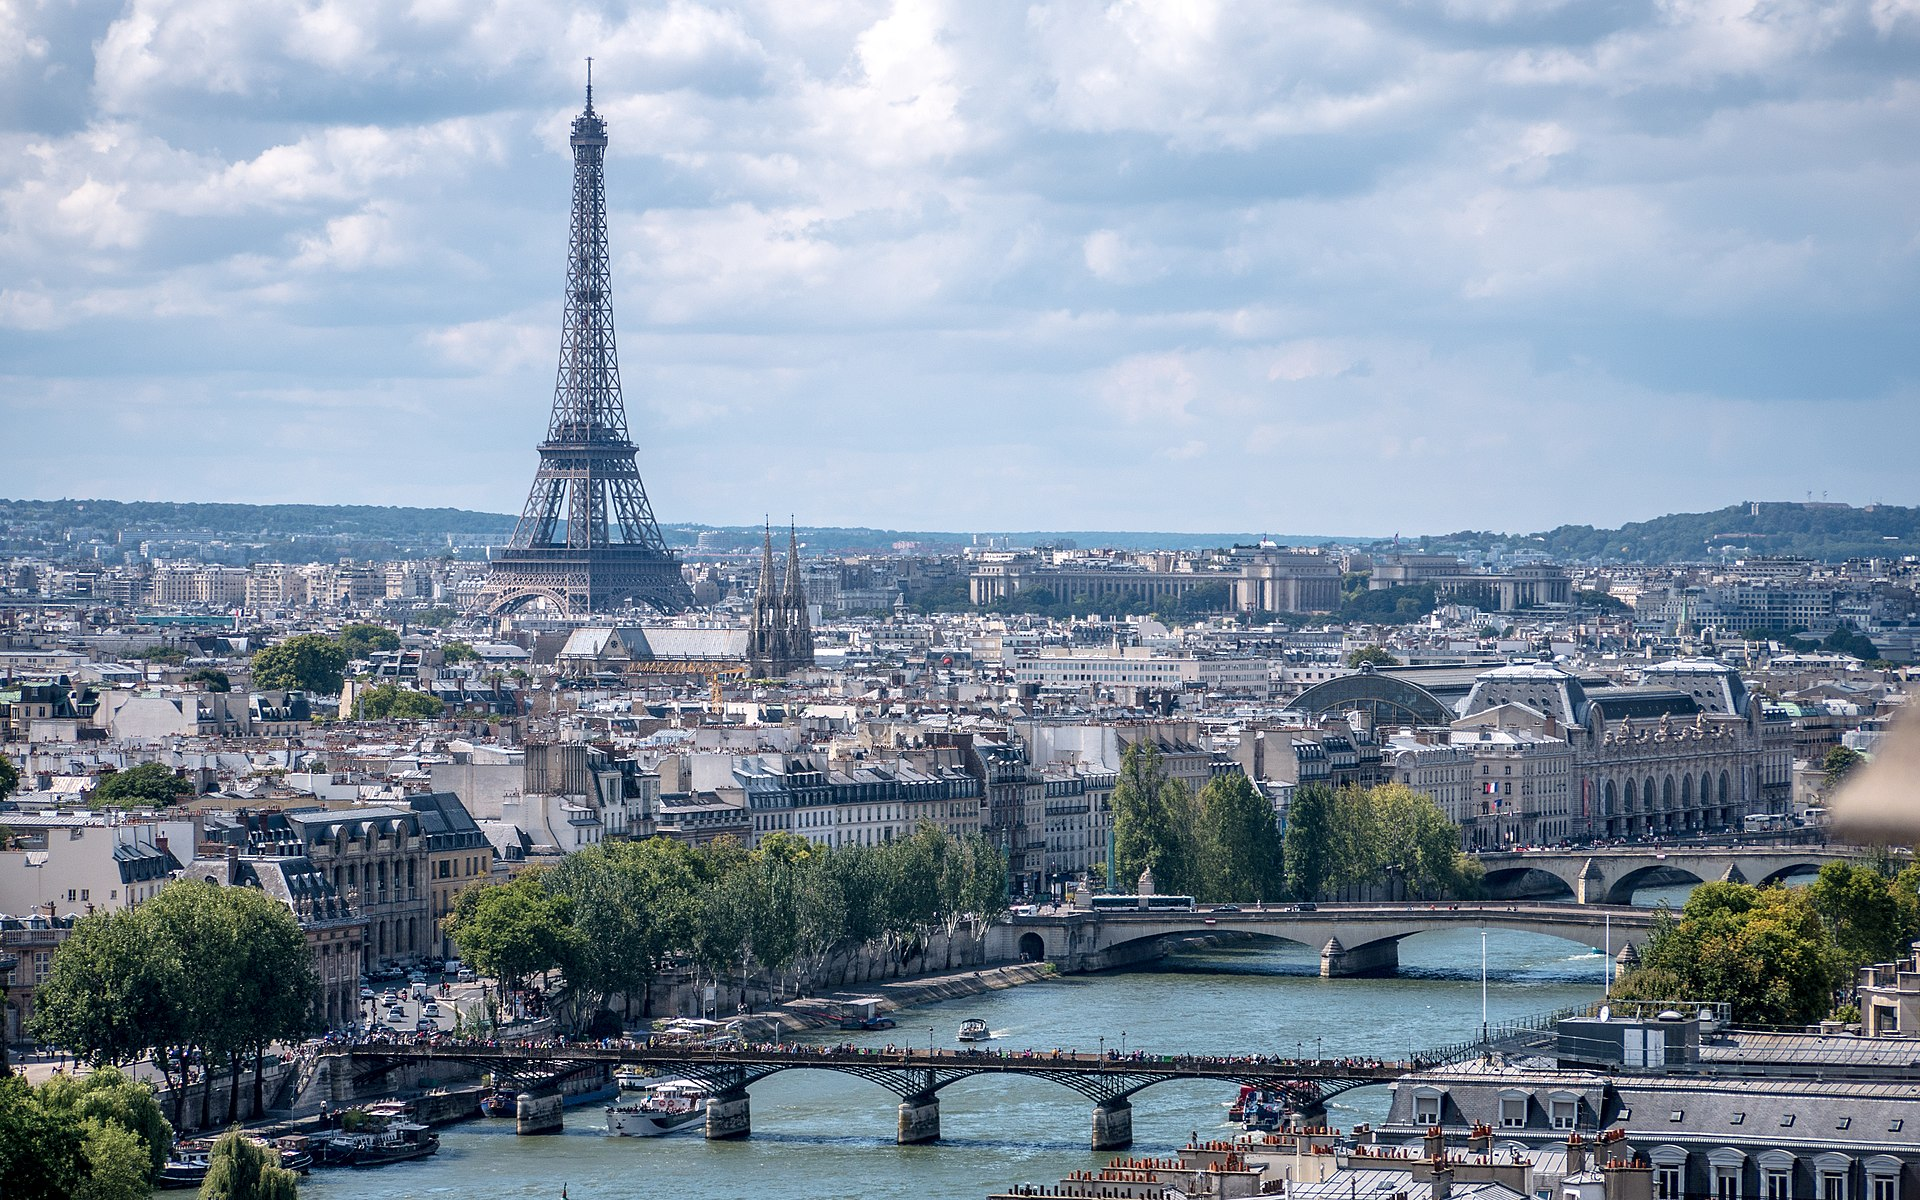 La Tour Eiffel vue de la Tour Saint-Jacques, Paris août 2014 (2).jpg